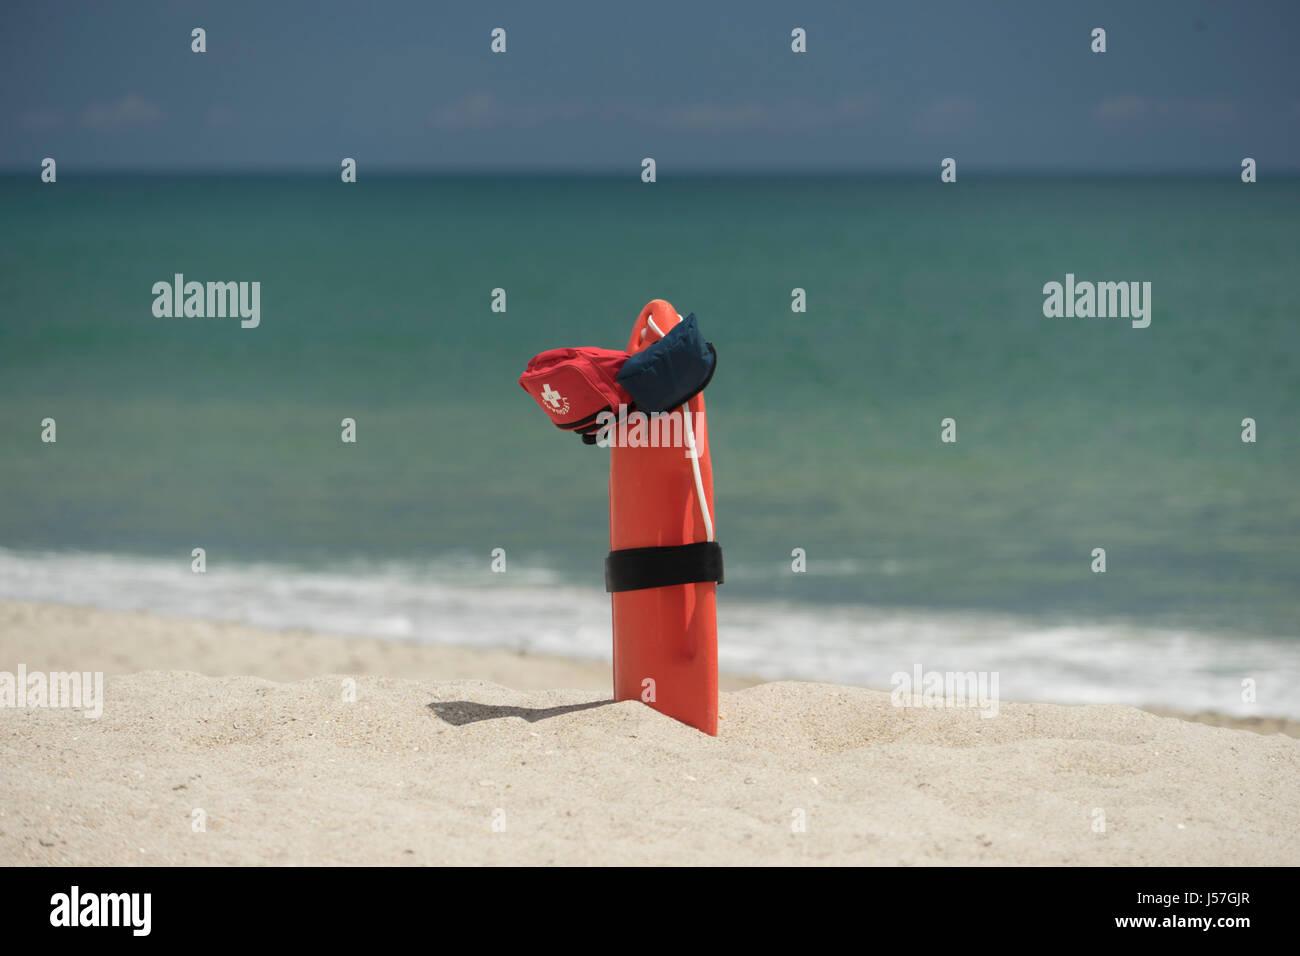 12f82e3dfbafcb Preso di fronte una stazione bagnino sulla spiaggia in Melbourne Florida  Immagini Stock